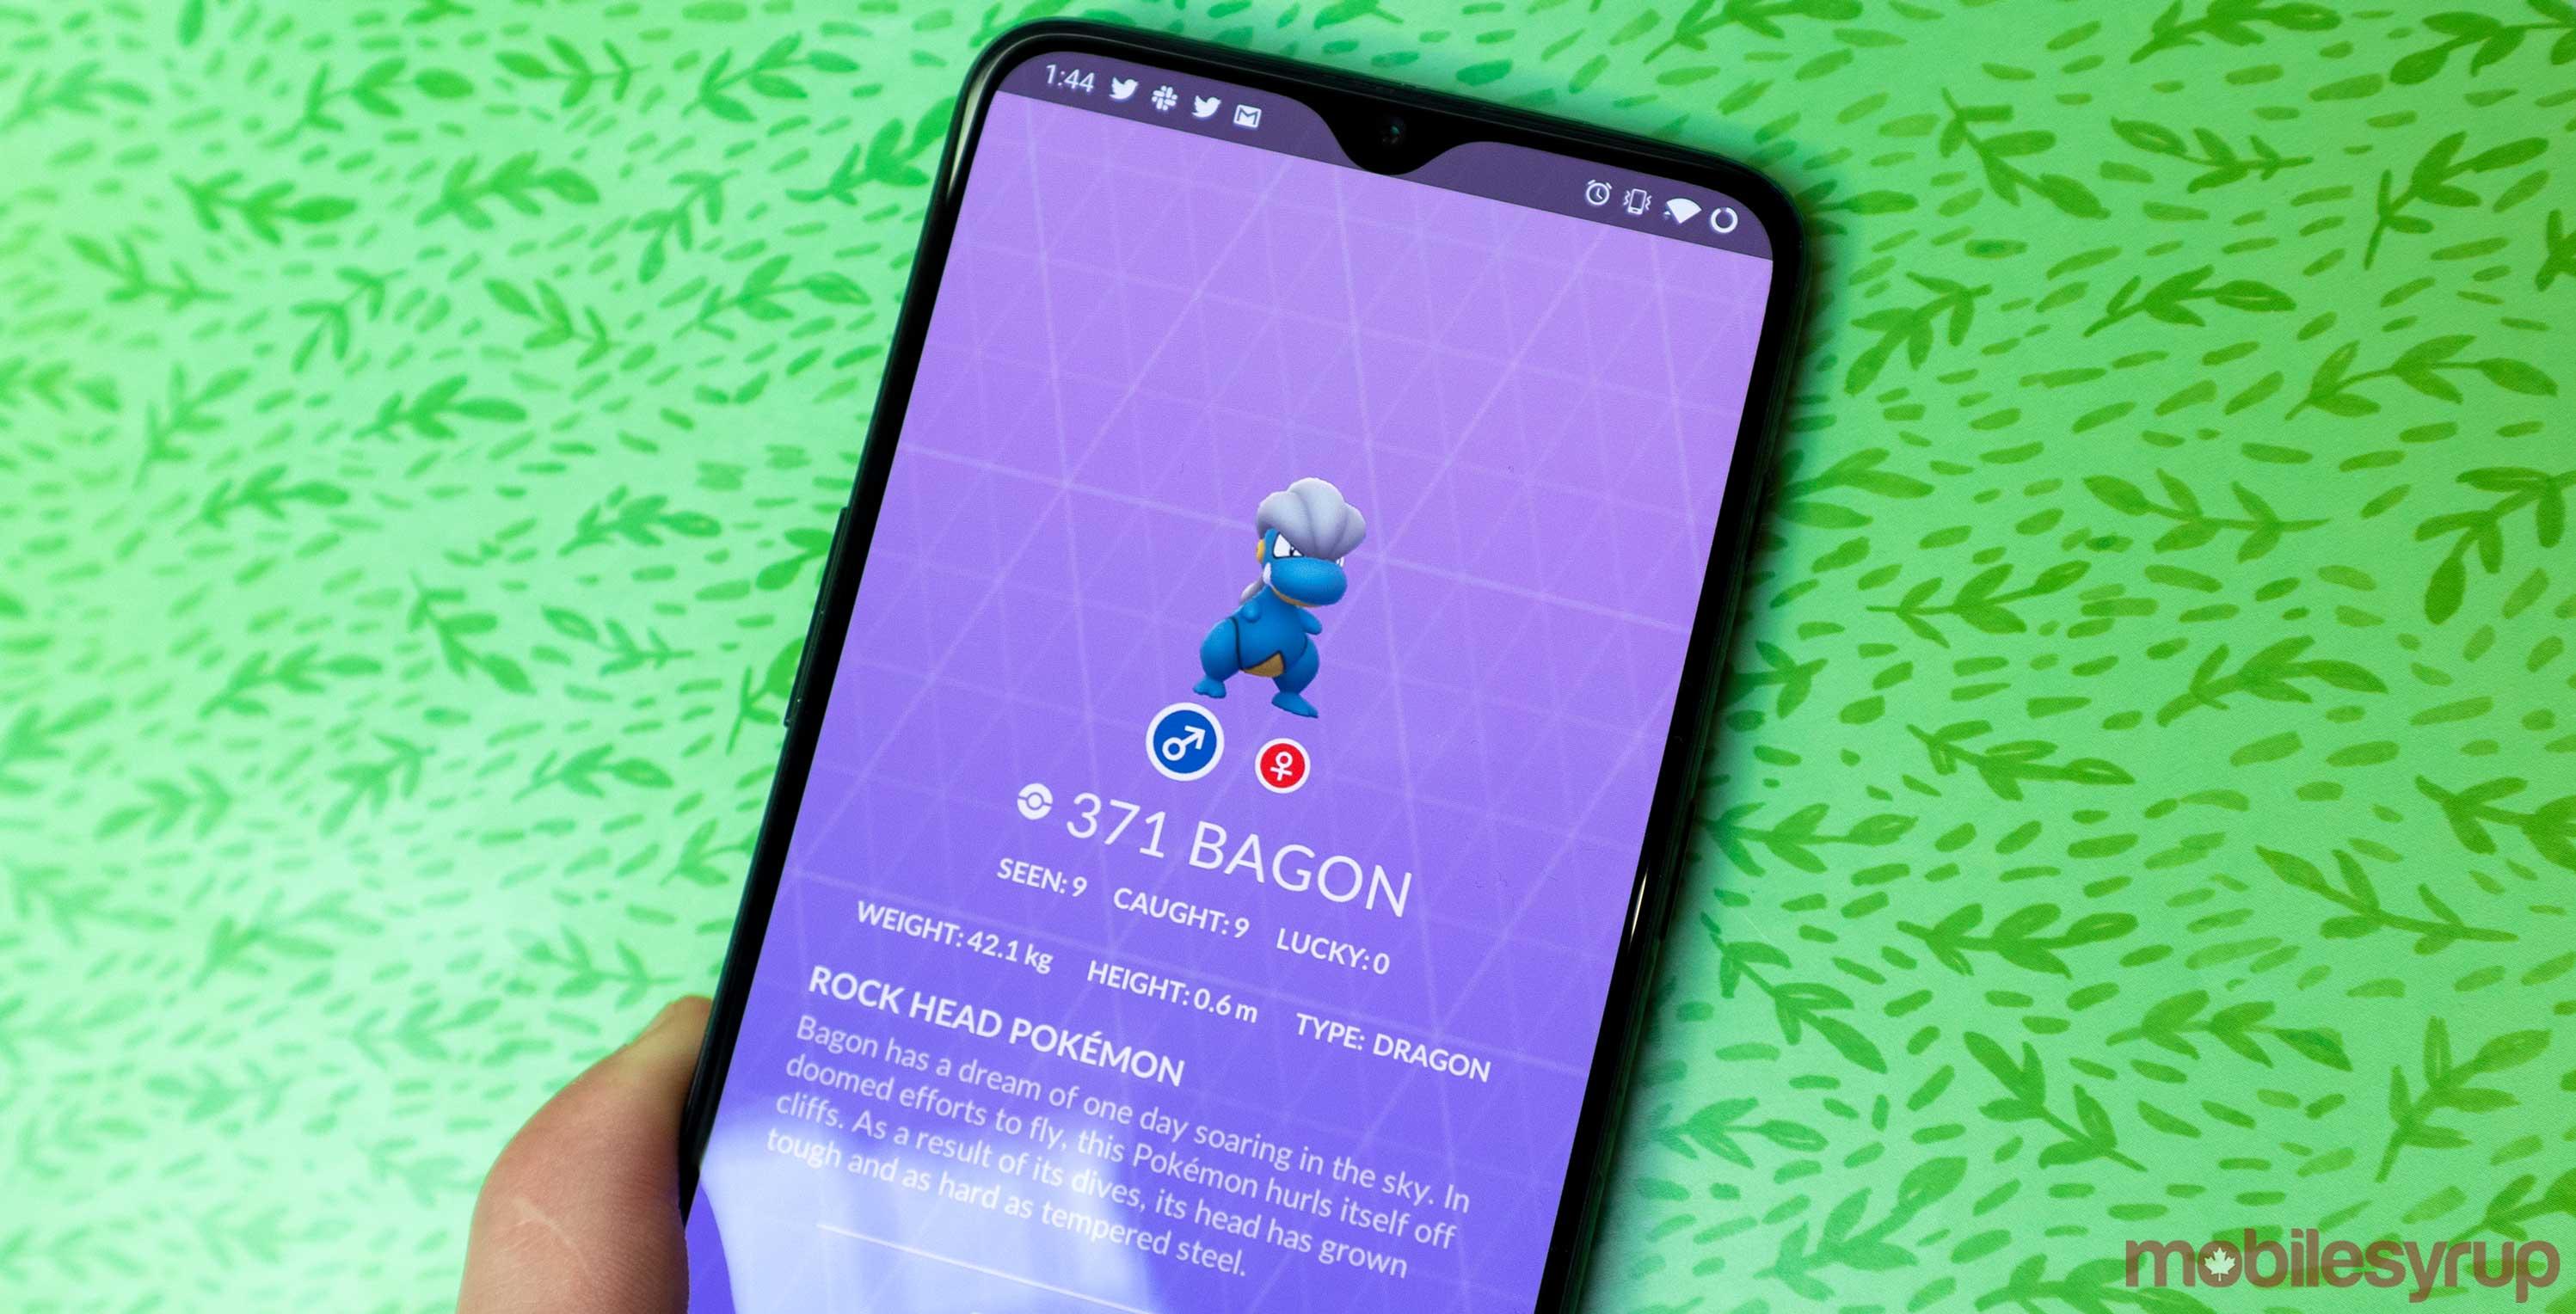 April's Pokémon Go Community Day features Bagon